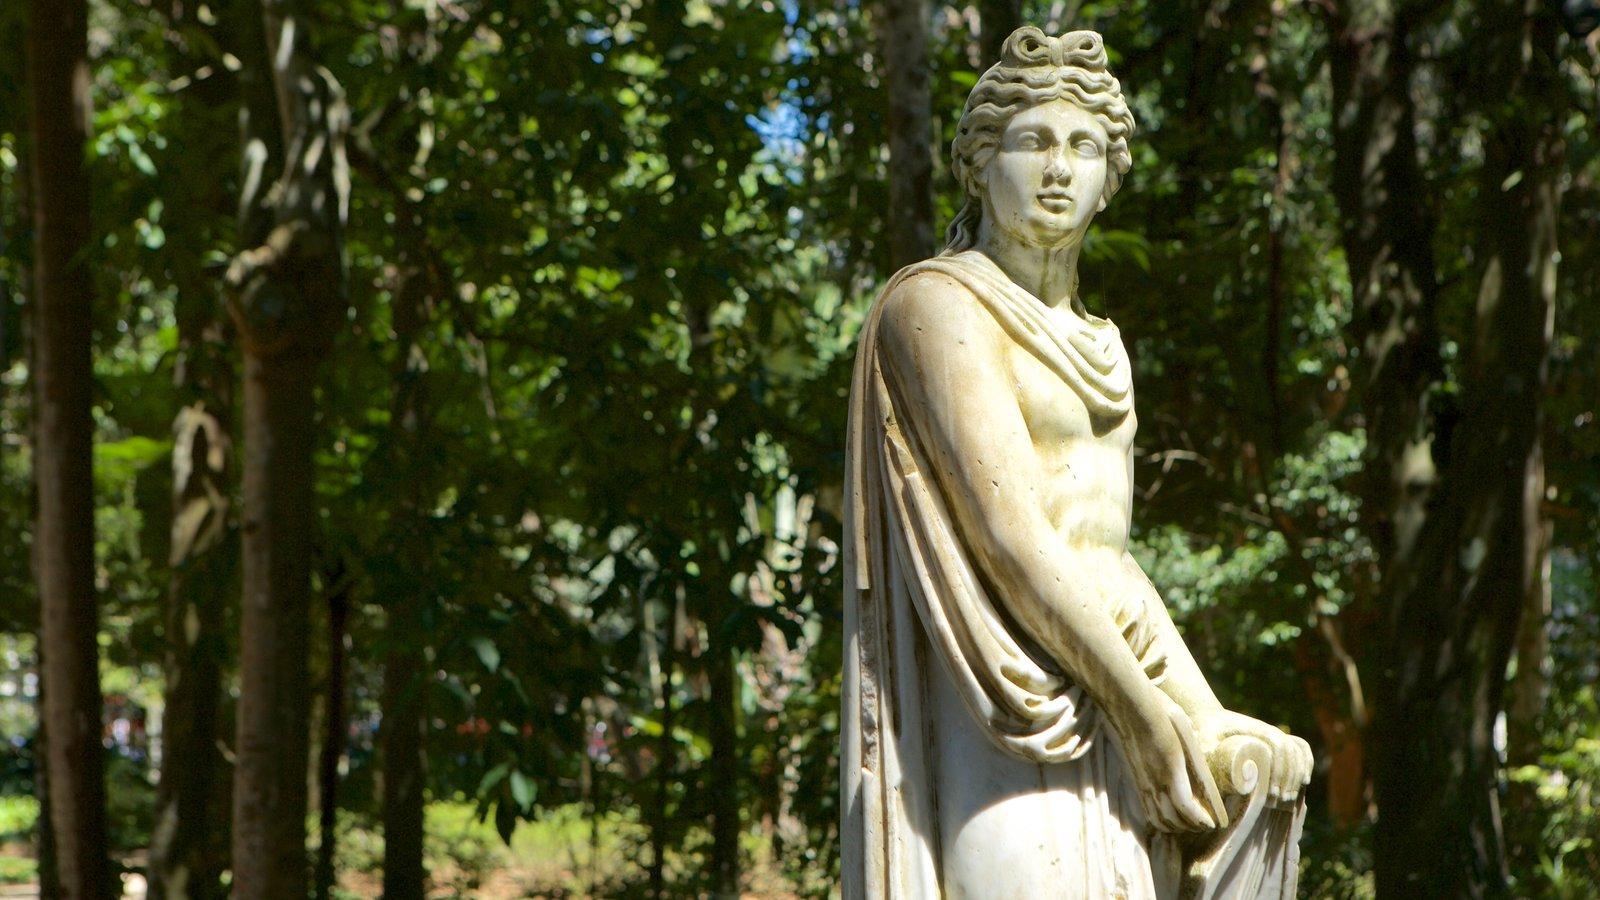 Museu Imperial que inclui uma estátua ou escultura